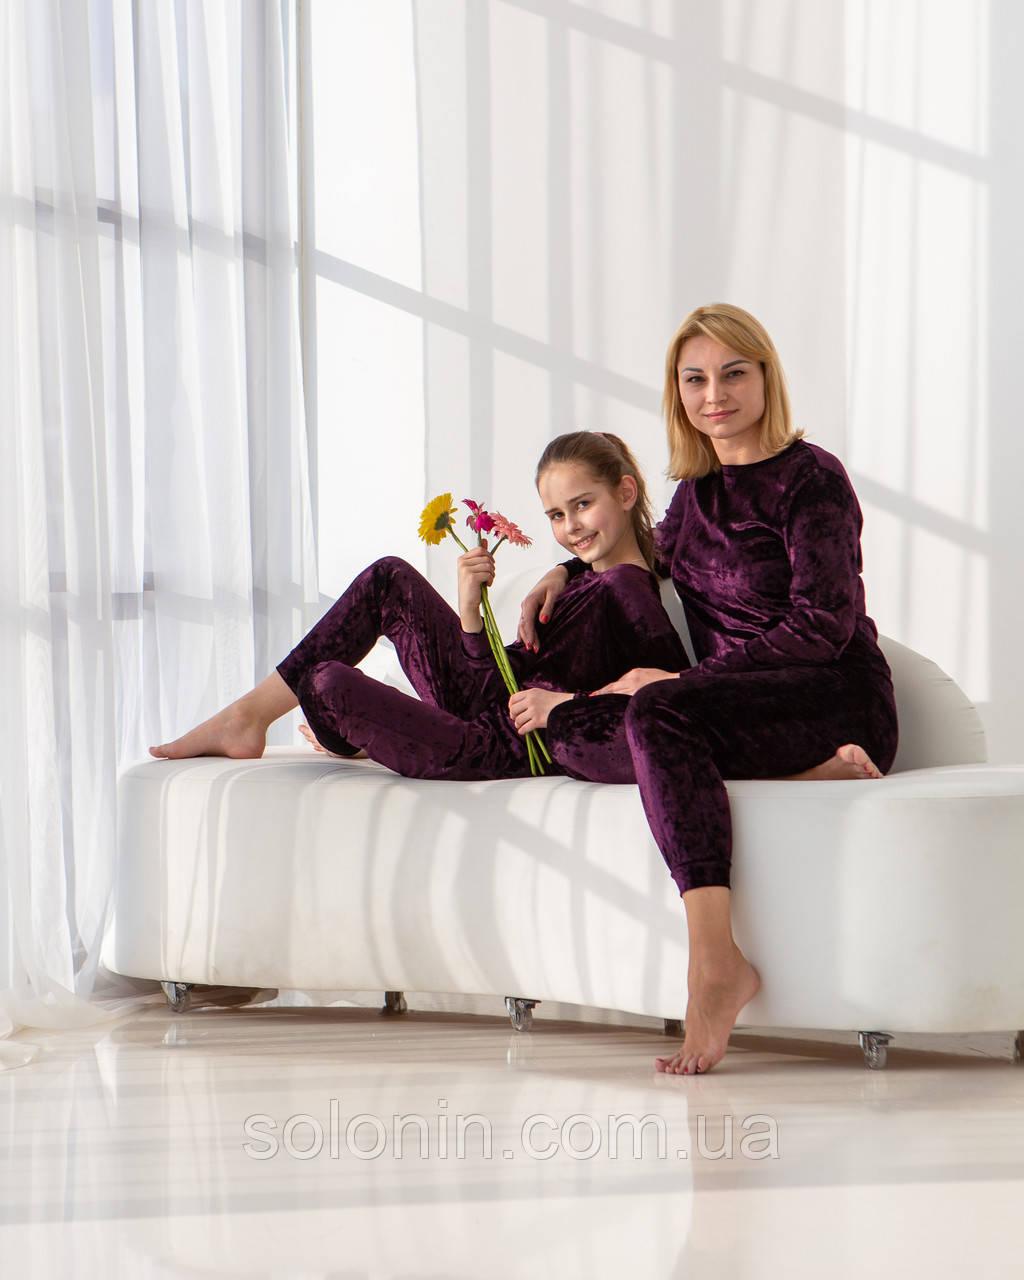 Велюрові піжама/костюм для мами і доньки Family Look.